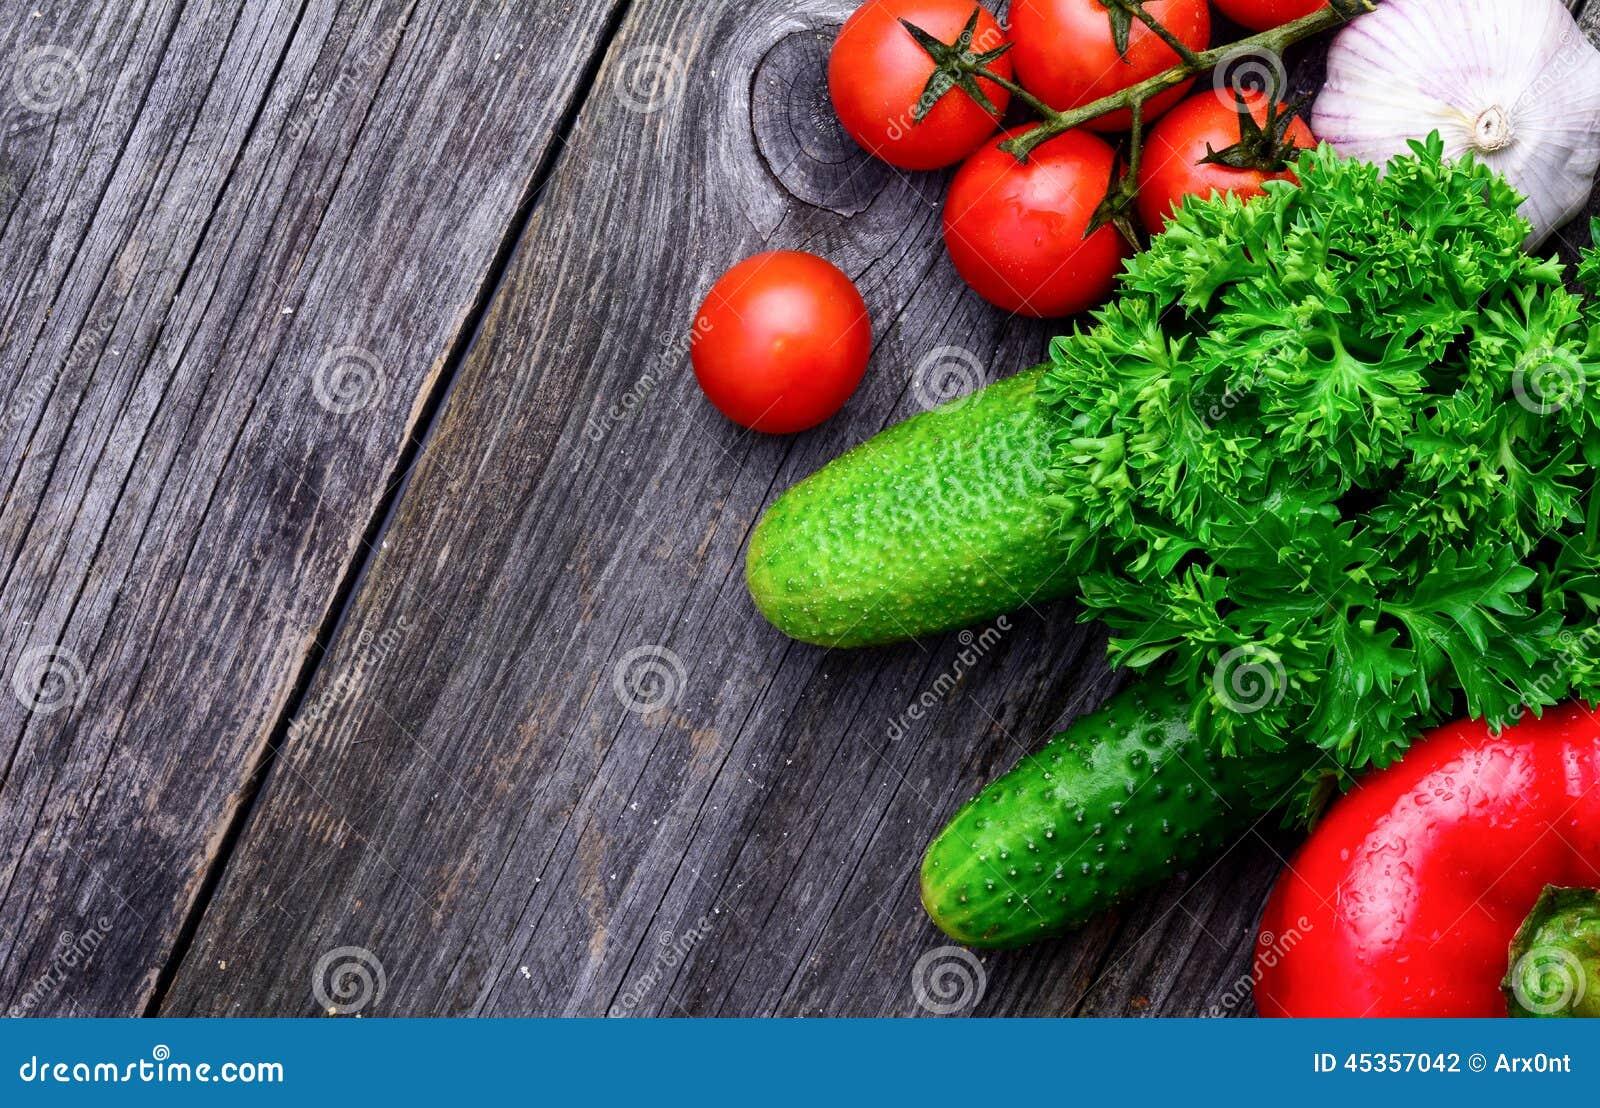 Légumes de marché de produits frais sur le fond en bois